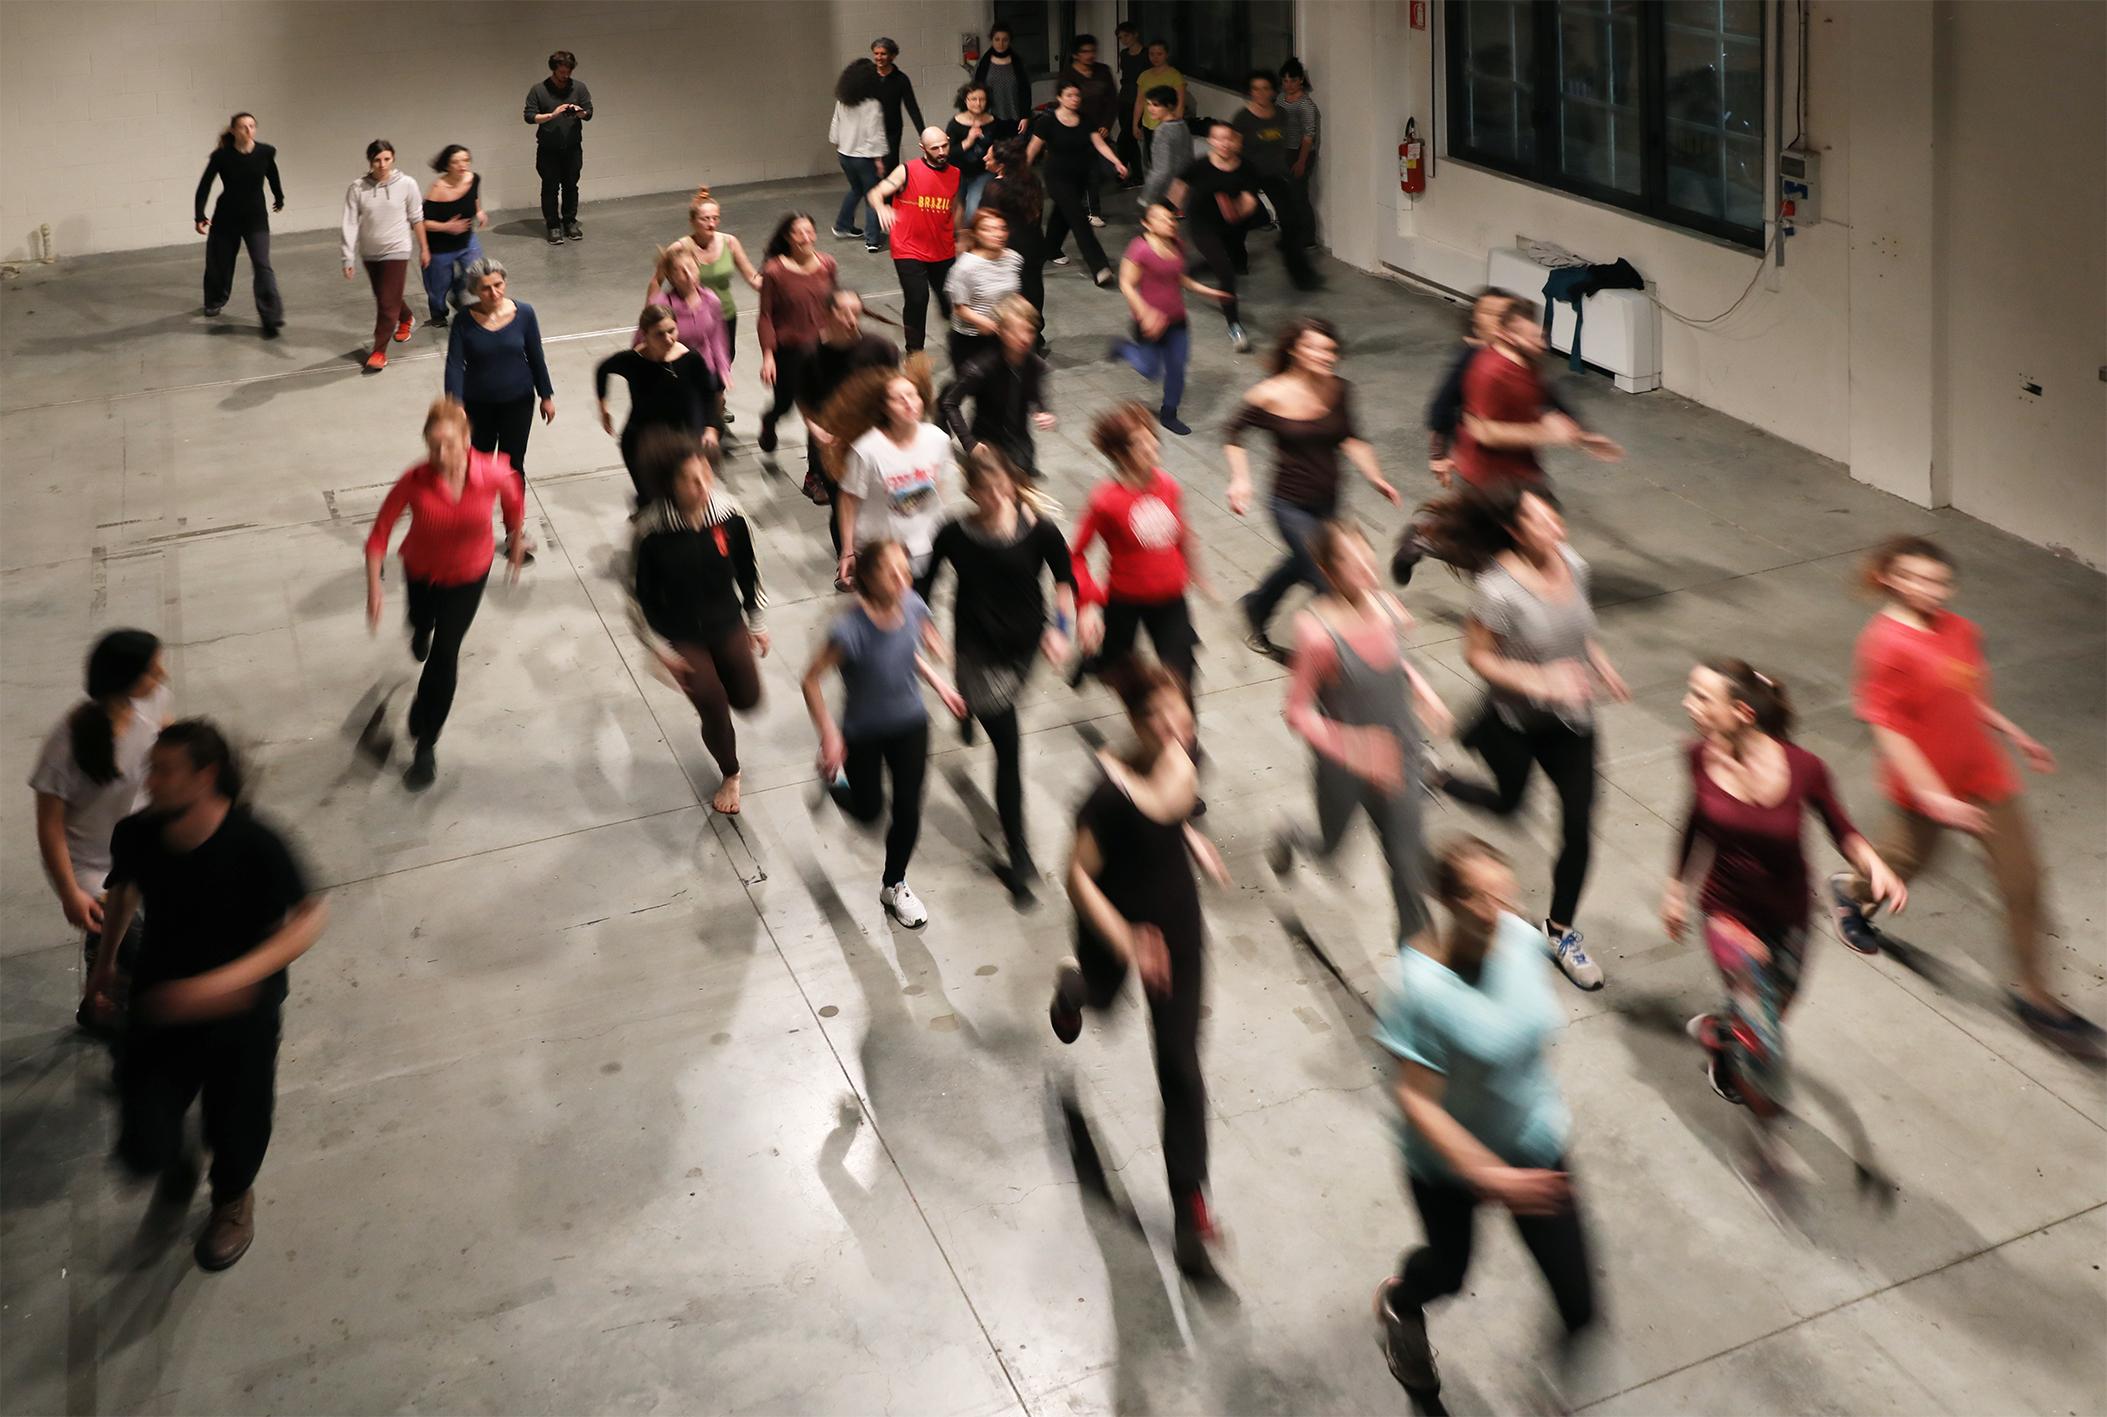 https://www.danzaurbana.eu/festival/wp-content/uploads/Stormo_1K1A5338_lite.jpg